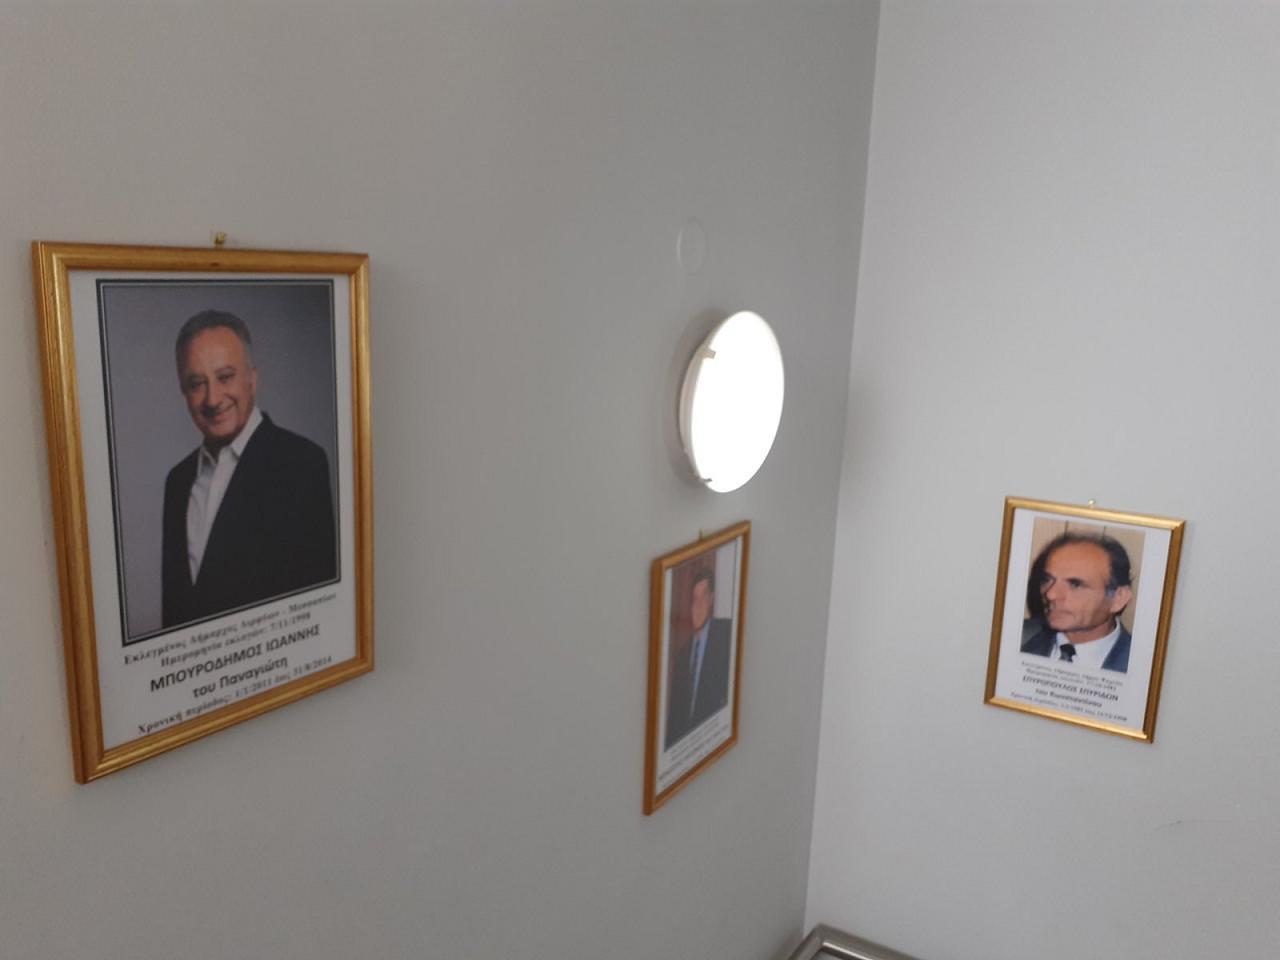 Κάδρα με φωτογραφίες όλων των Δημάρχων από το 1949 μέχρι και το 2014 τοποθέτησε ο Δήμαρχος Γιώργος Ψαθάς στις σκάλες του Δημαρχείου (φωτογραφίες) 4